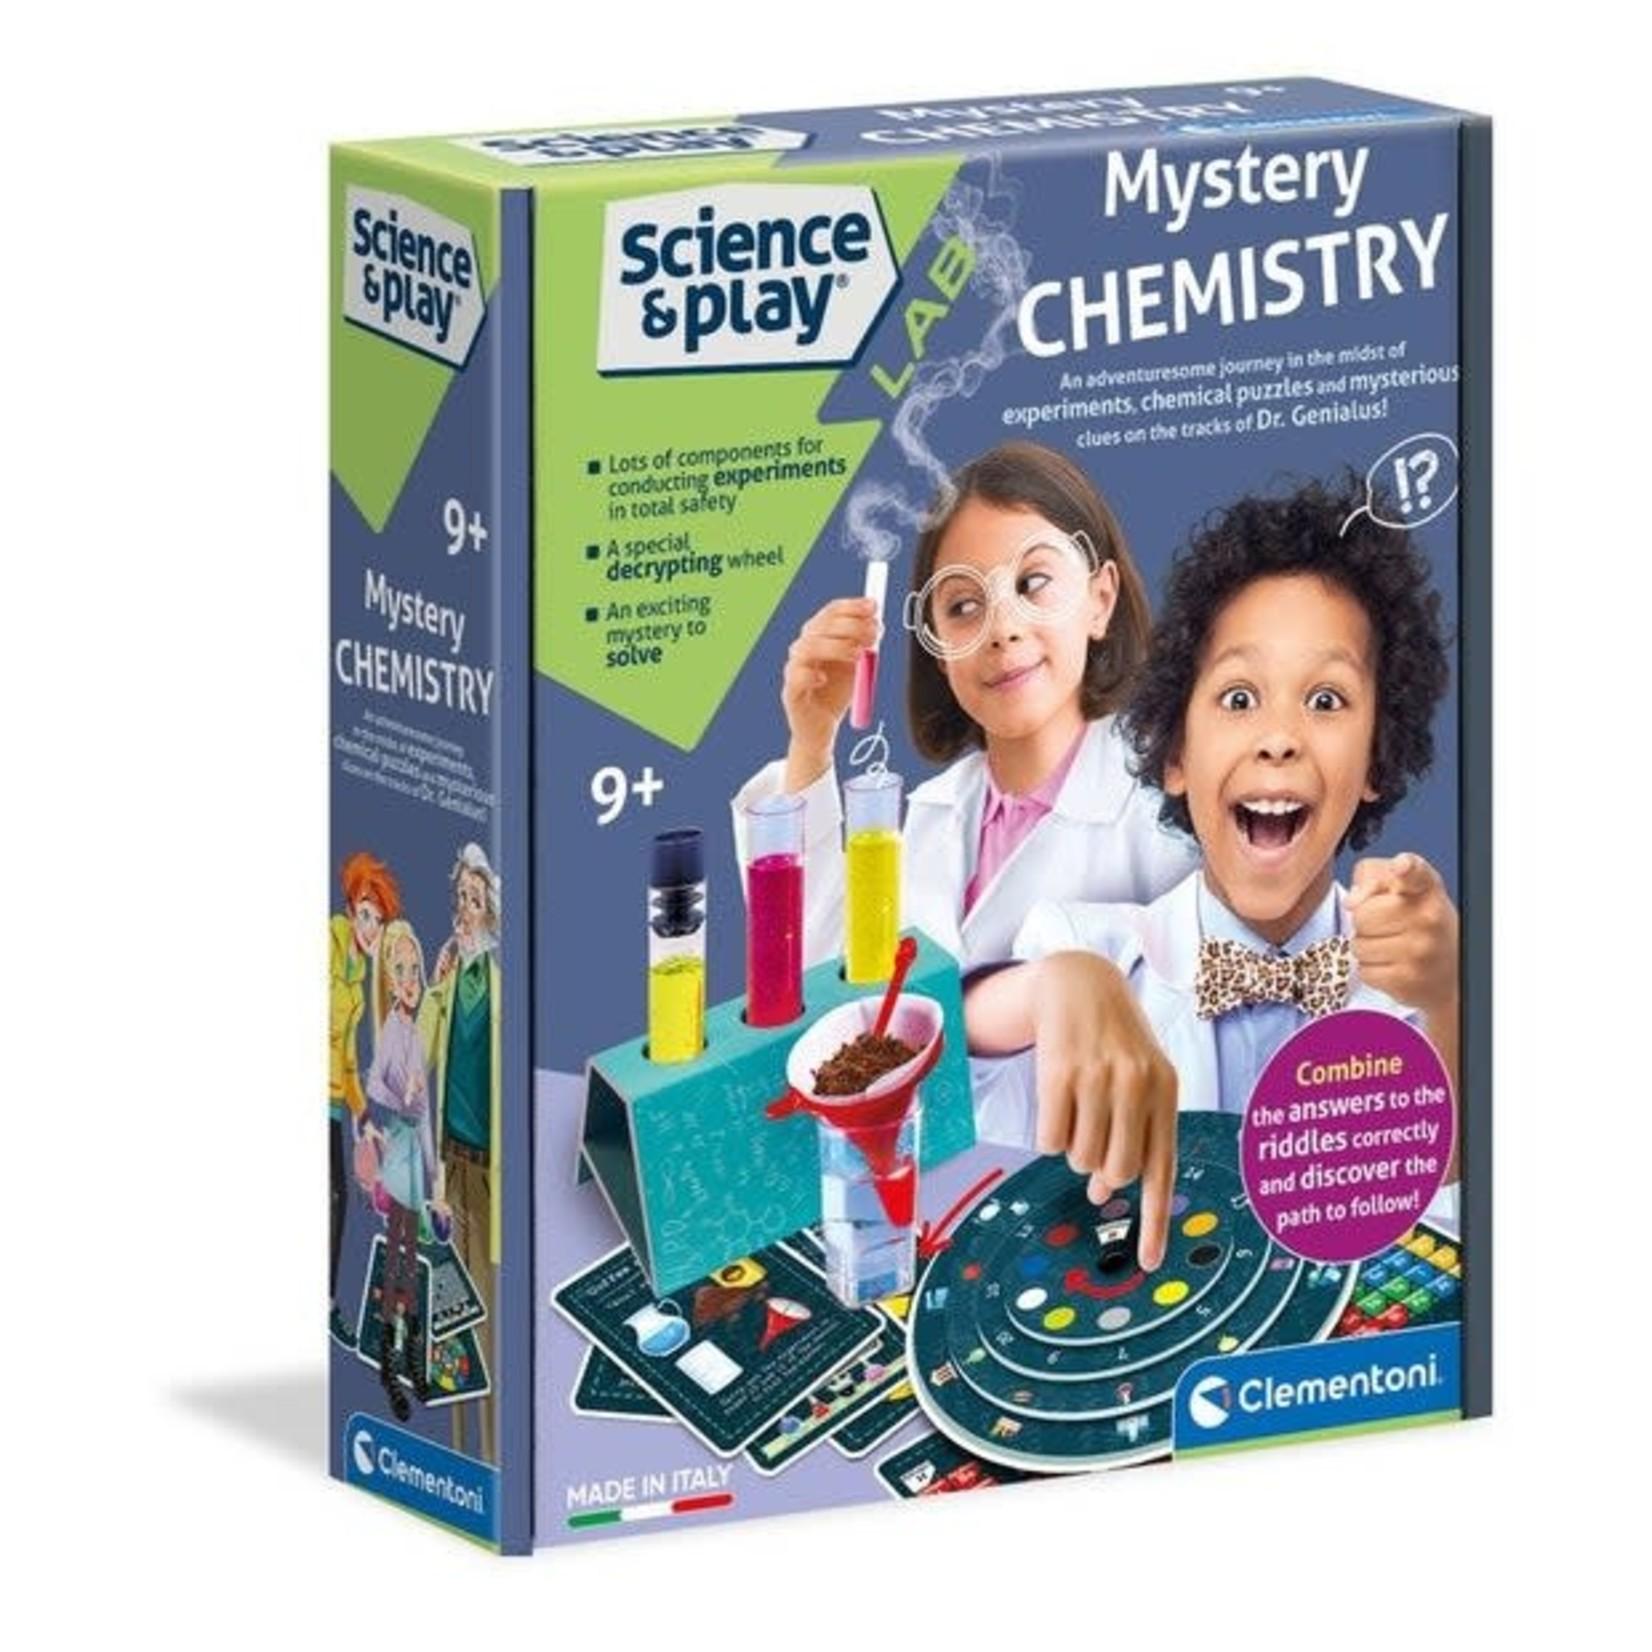 Clementoni Mystery Chemistry